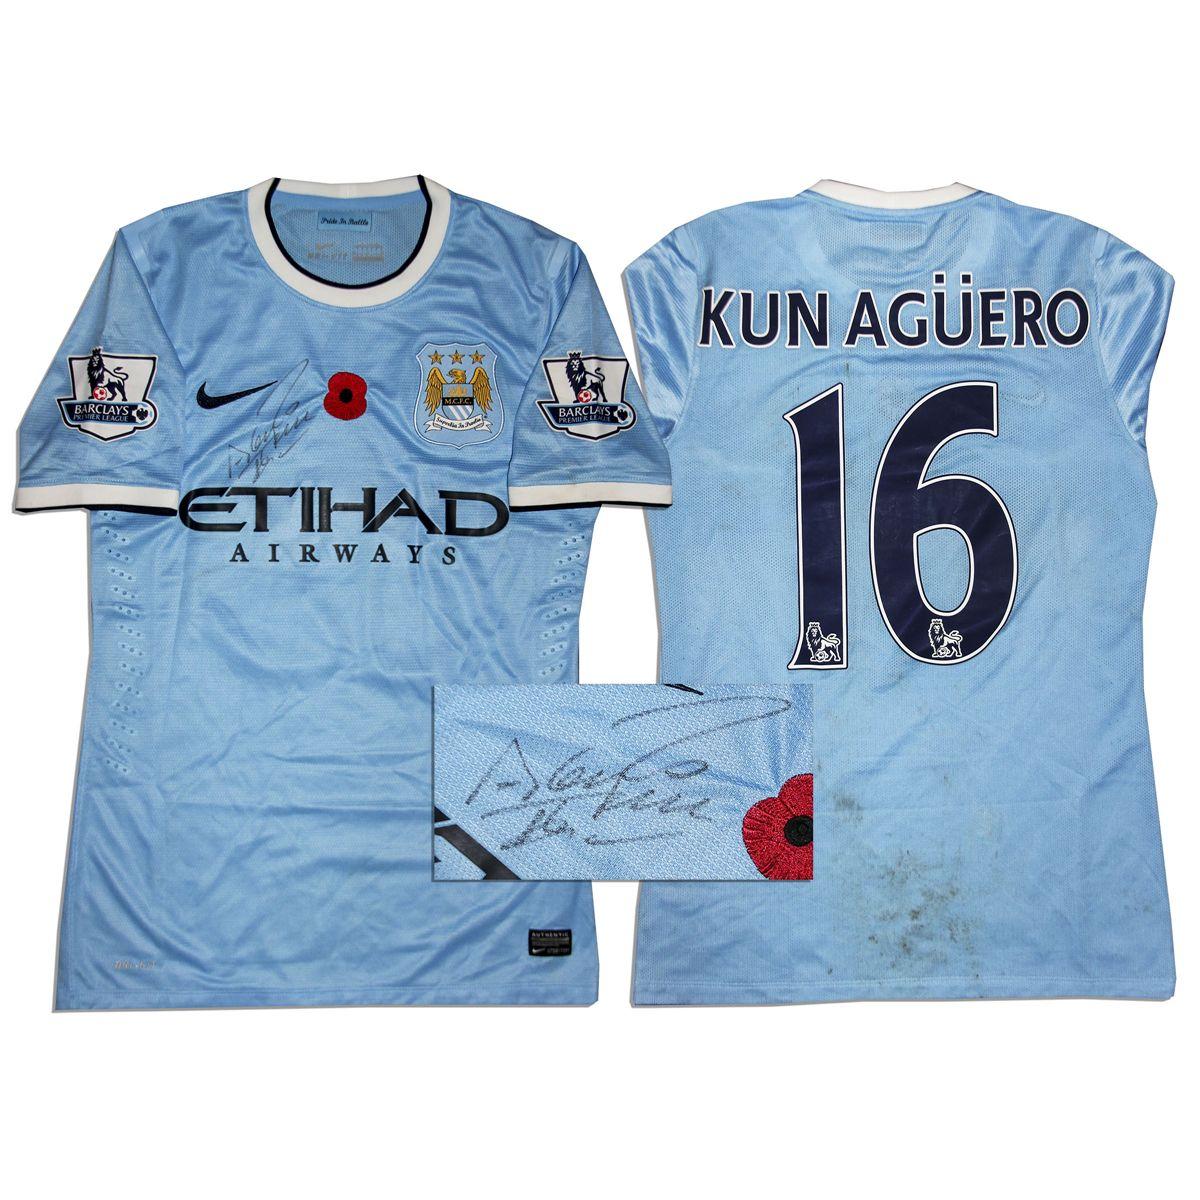 quality design 73b30 eea92 Aguero Match Worn Manchester City Shirt Signed